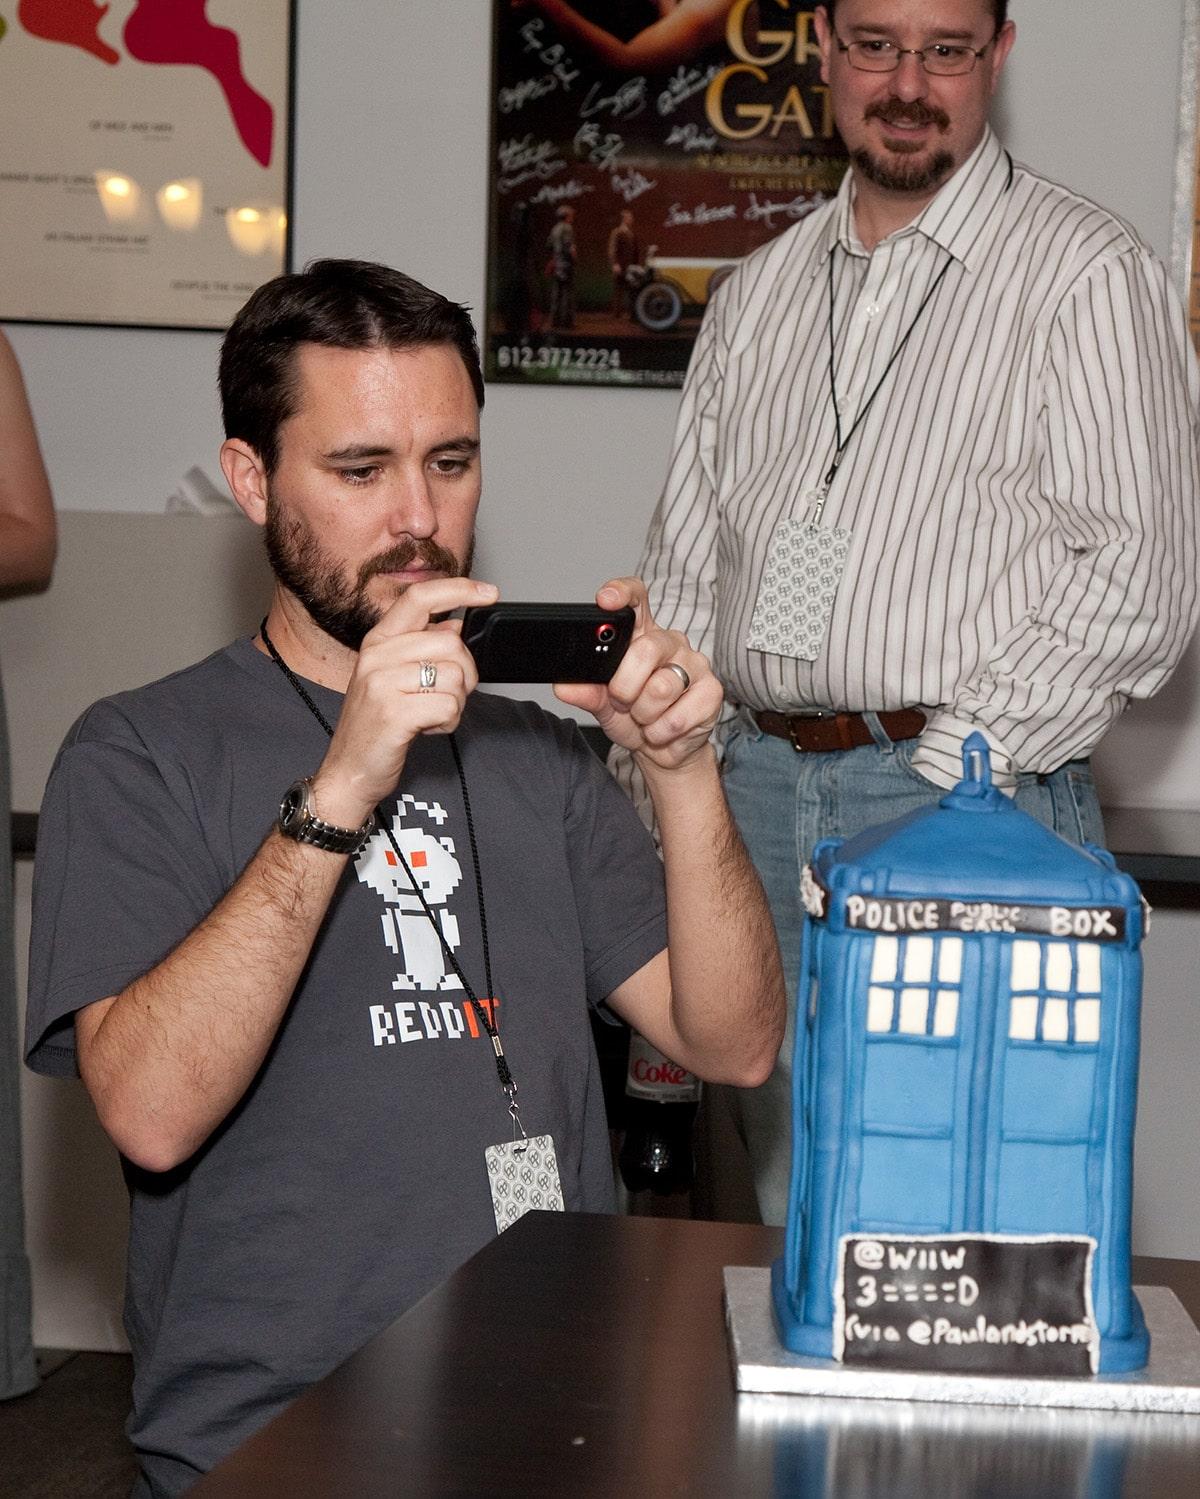 Wil Wheton taking a photo of a TARDIS Cake